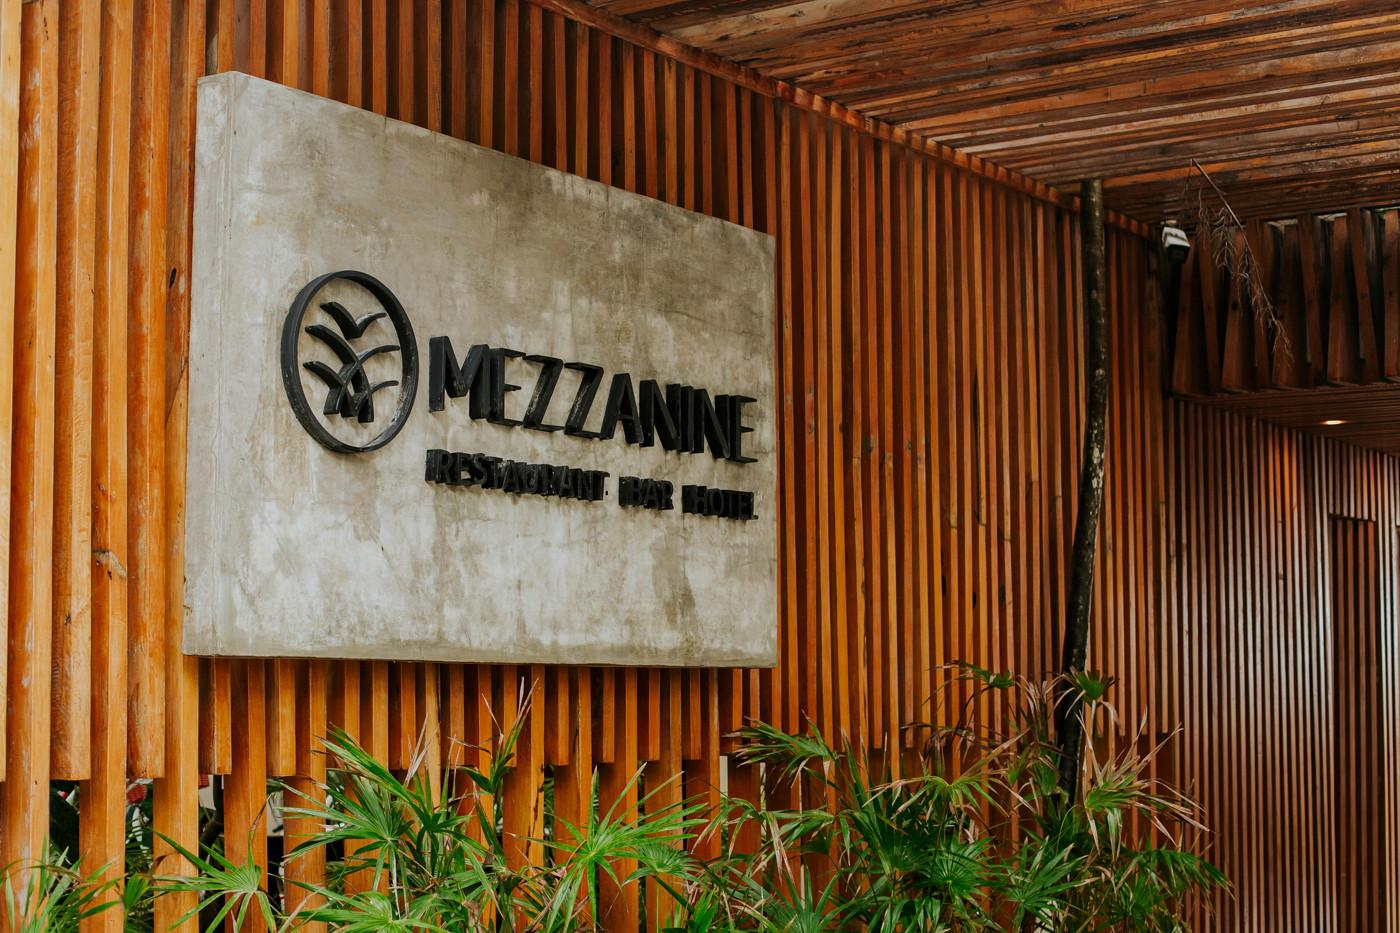 Hotel Mezzanine Engagement Photo Session